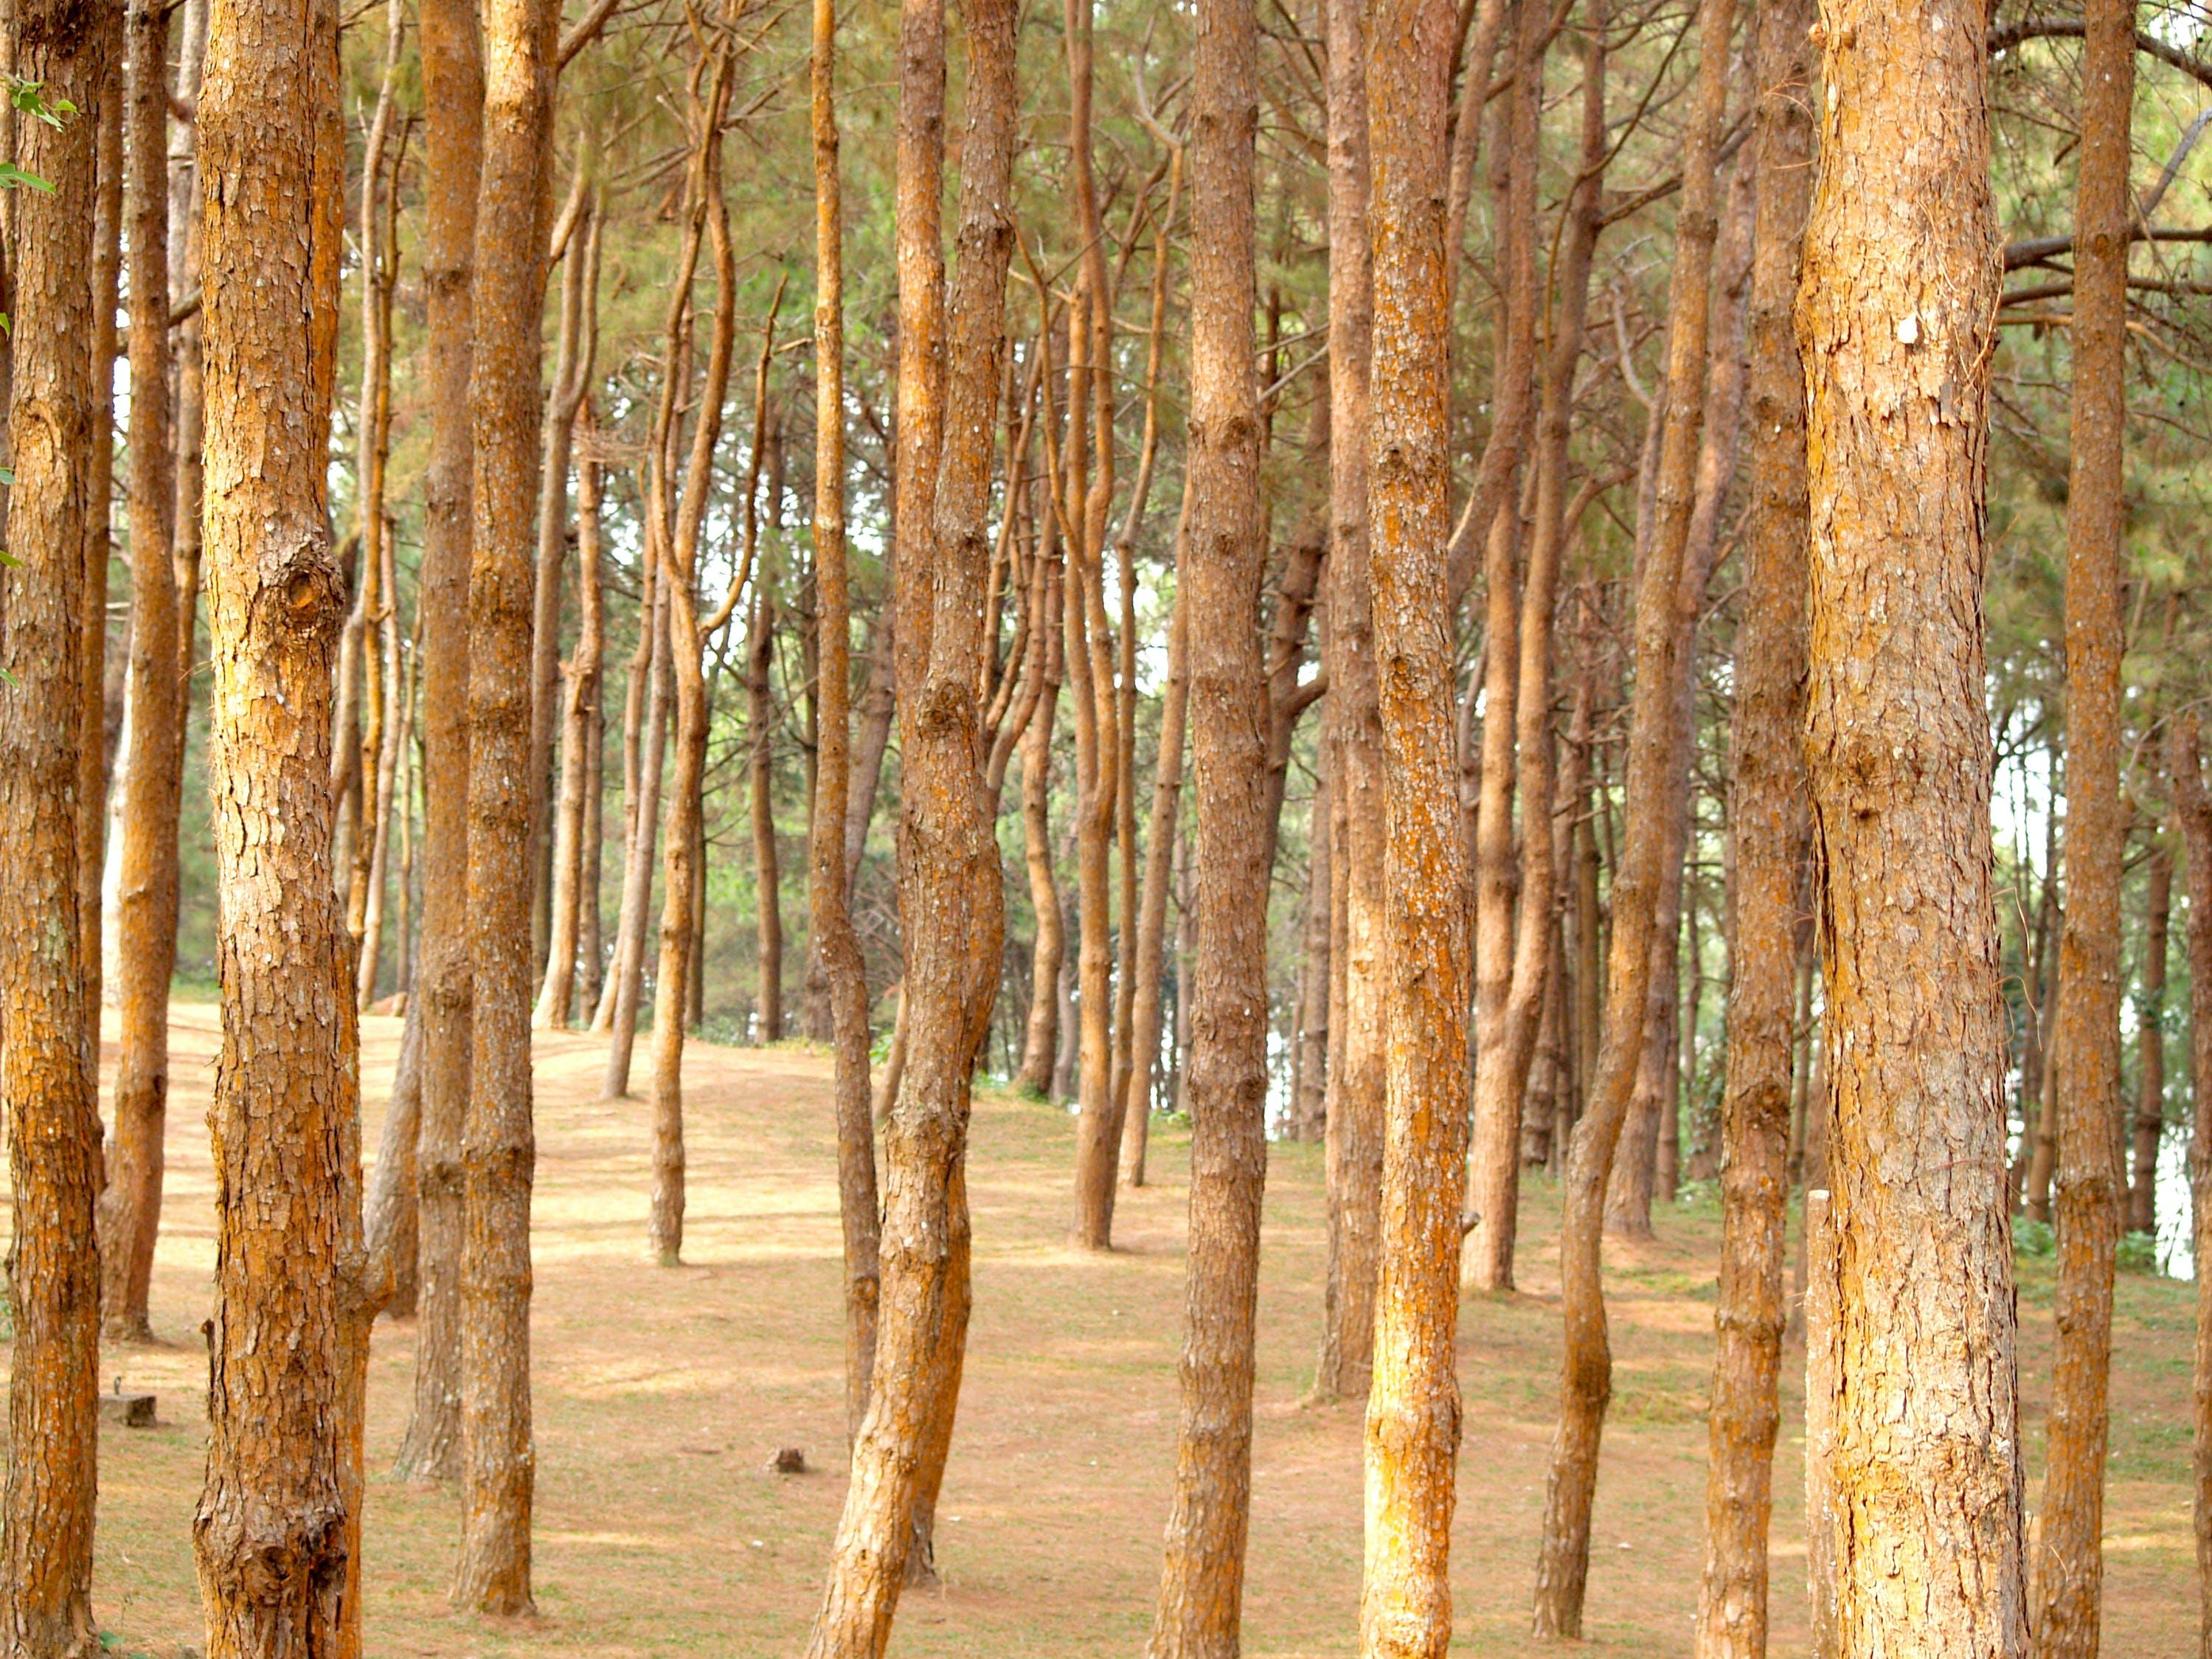 나무 껍질, 숲, 식물, 자연의 무료 스톡 사진